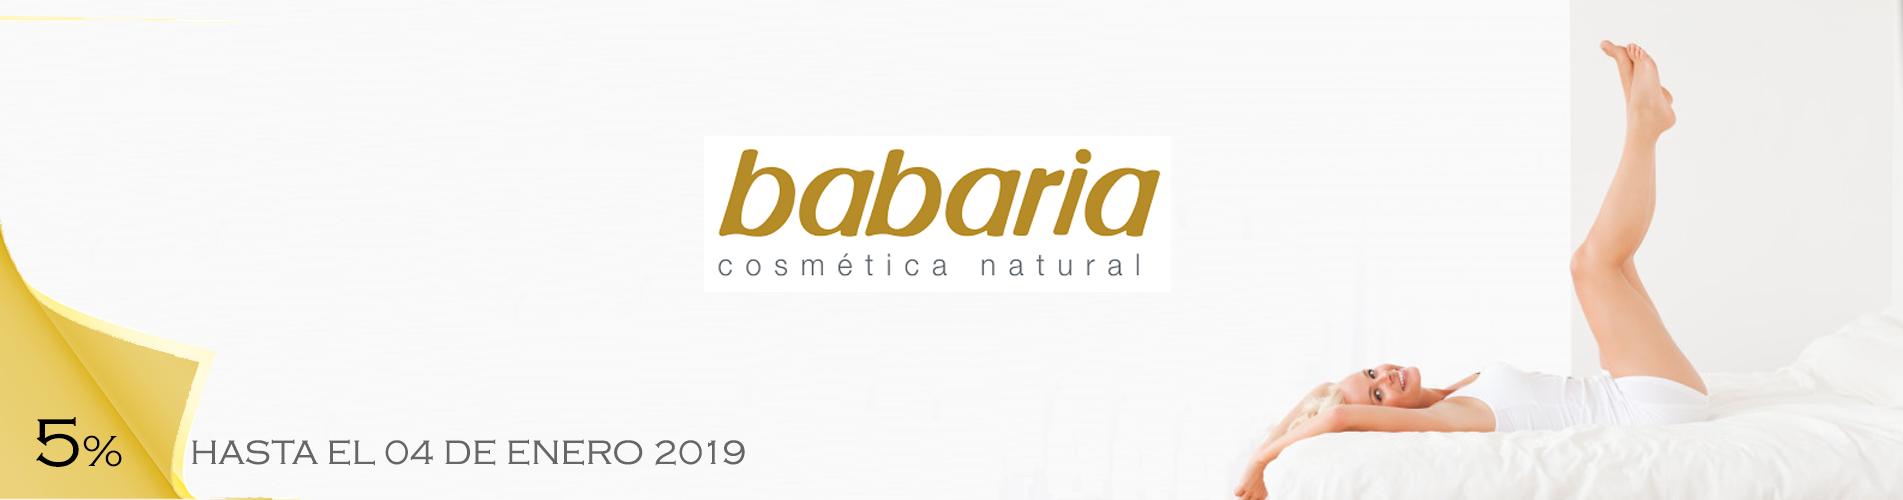 5% Dto Babaria cosmética y cuidado personal